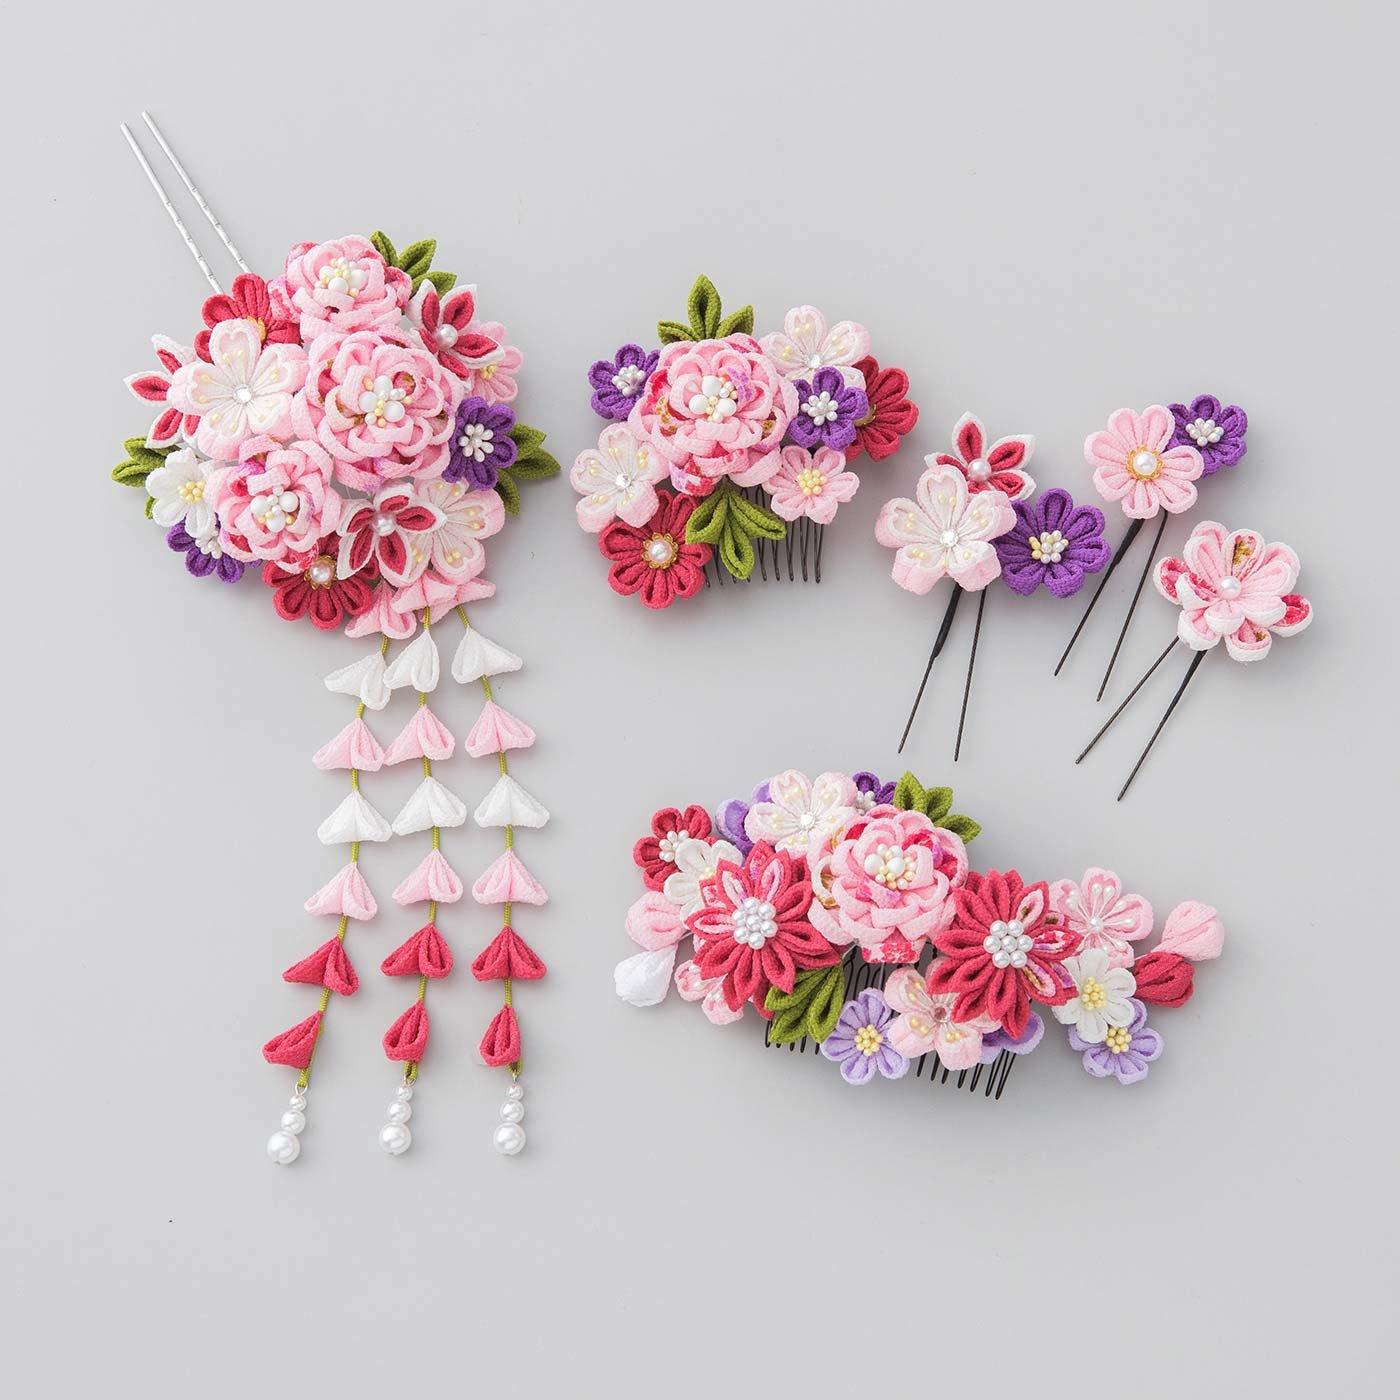 晴れの日に華を添える つまみ細工の髪飾りの会〈桃色〉